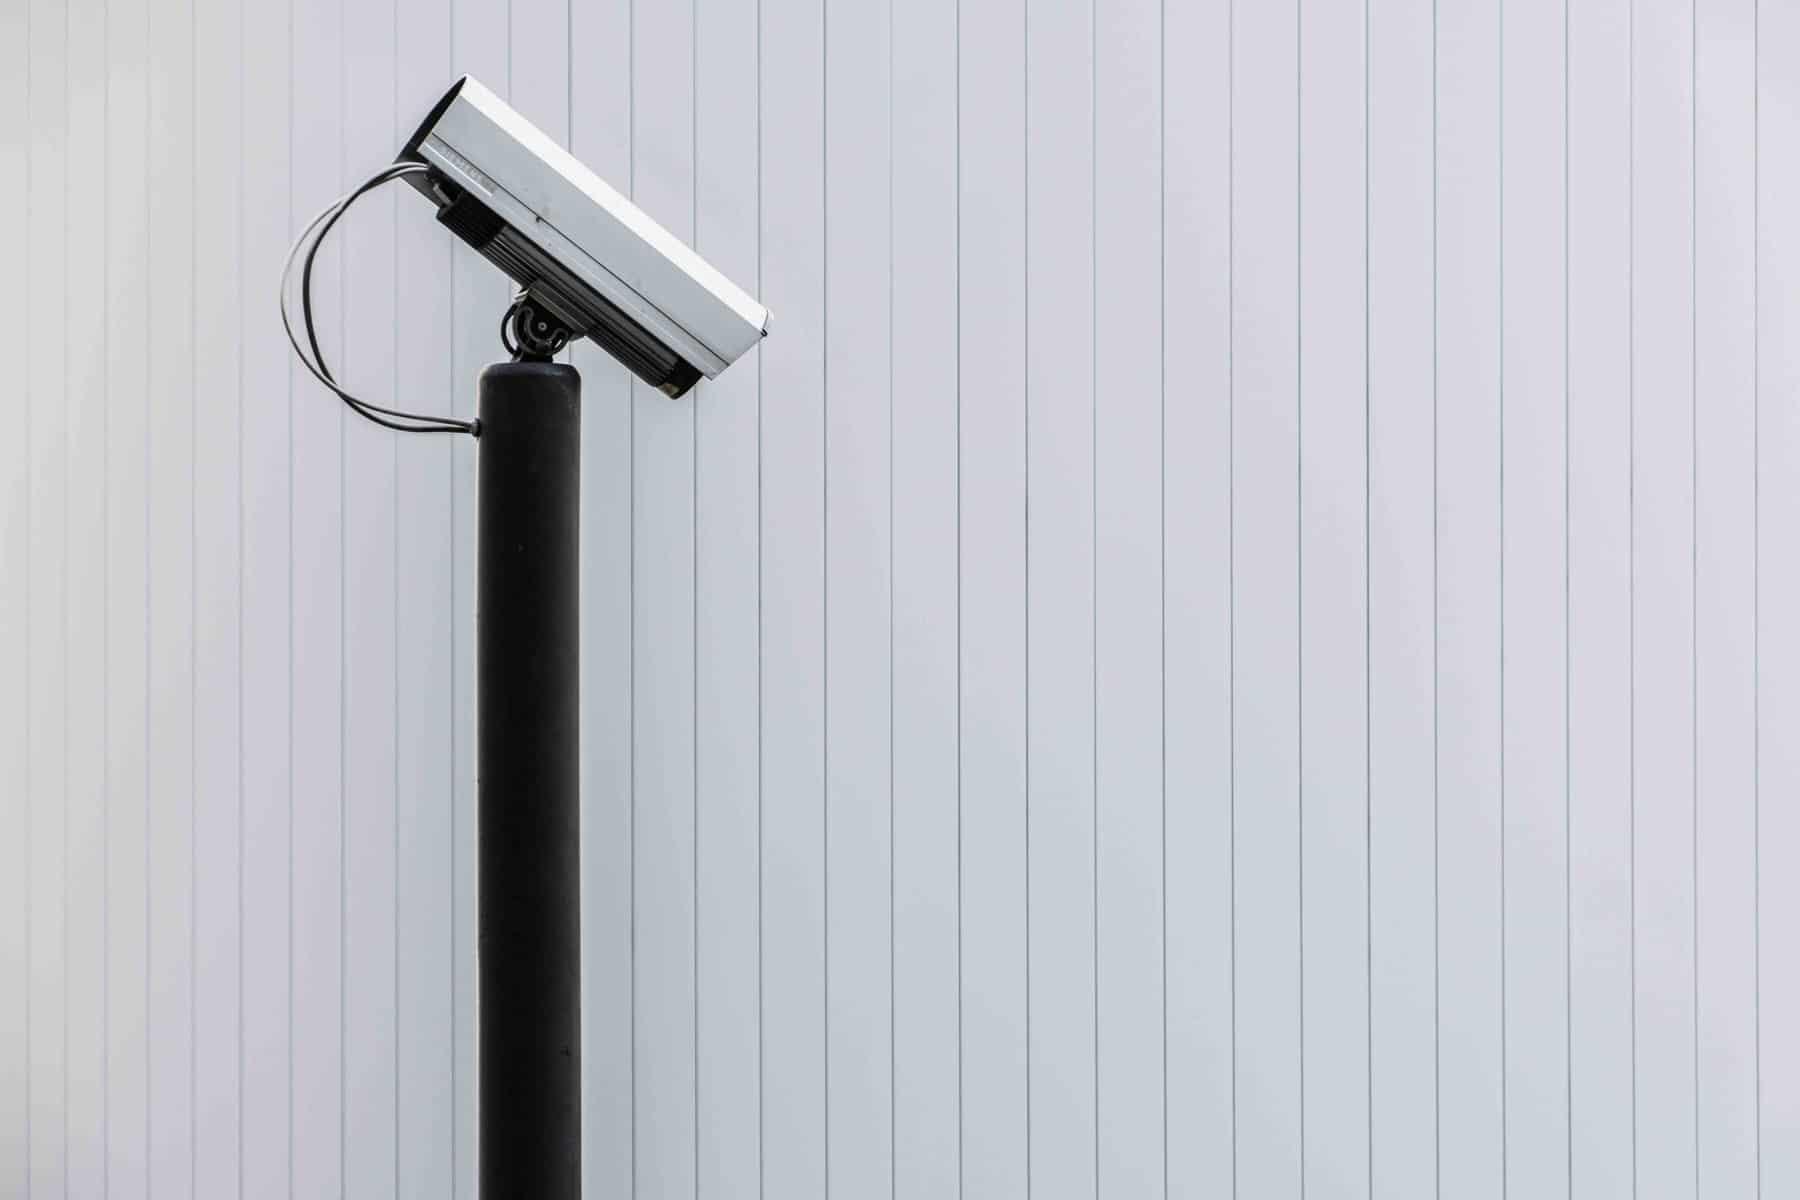 L'UE envisage une interdiction de la reconnaissance faciale dans l'espace public